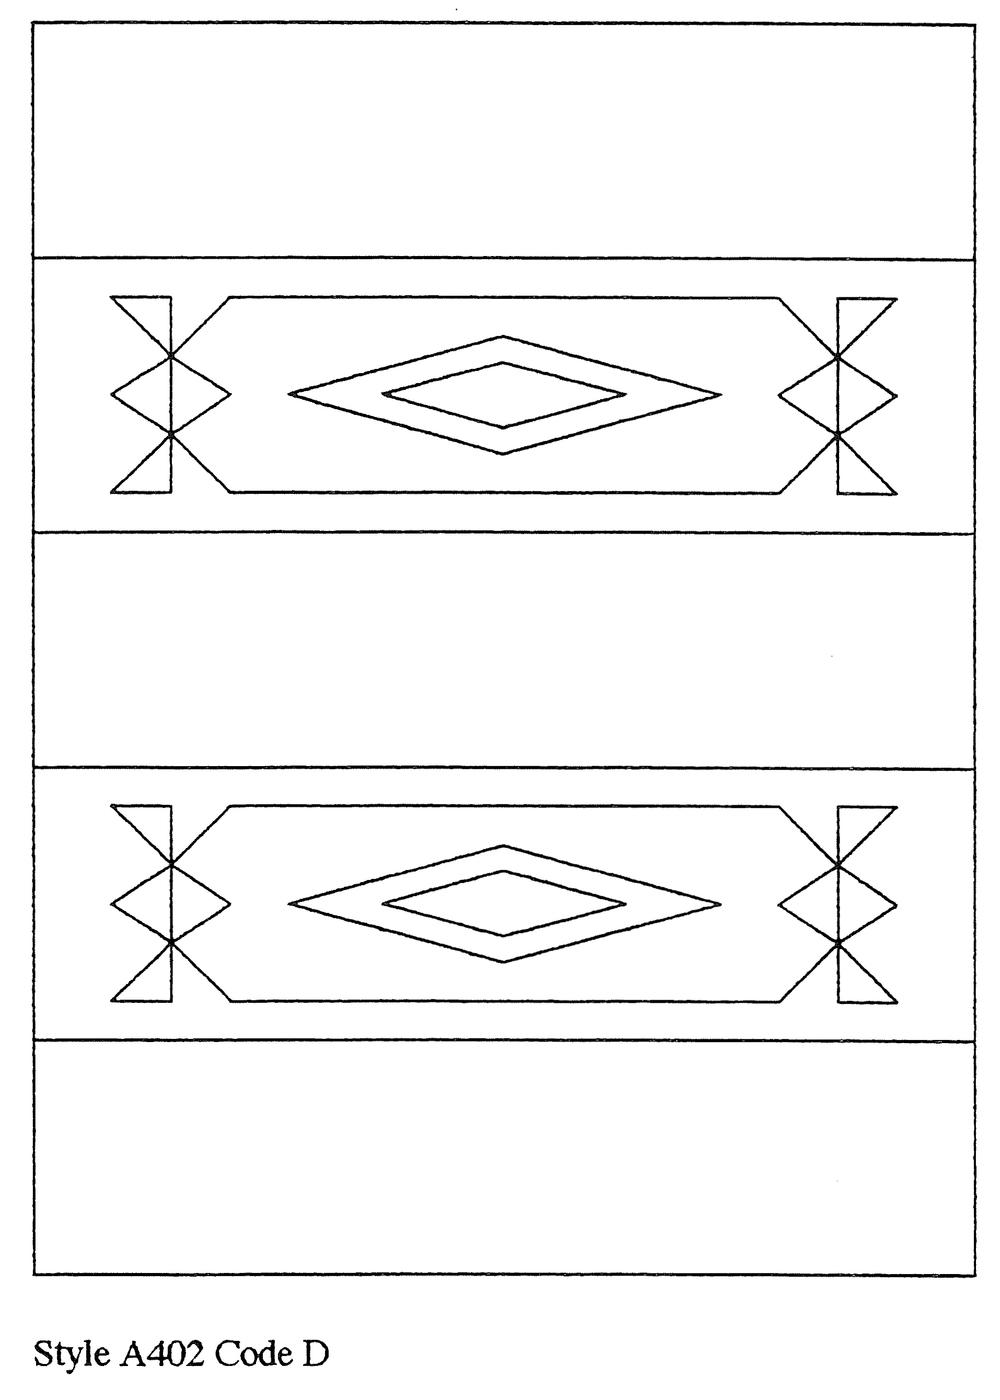 P1-A402.jpg